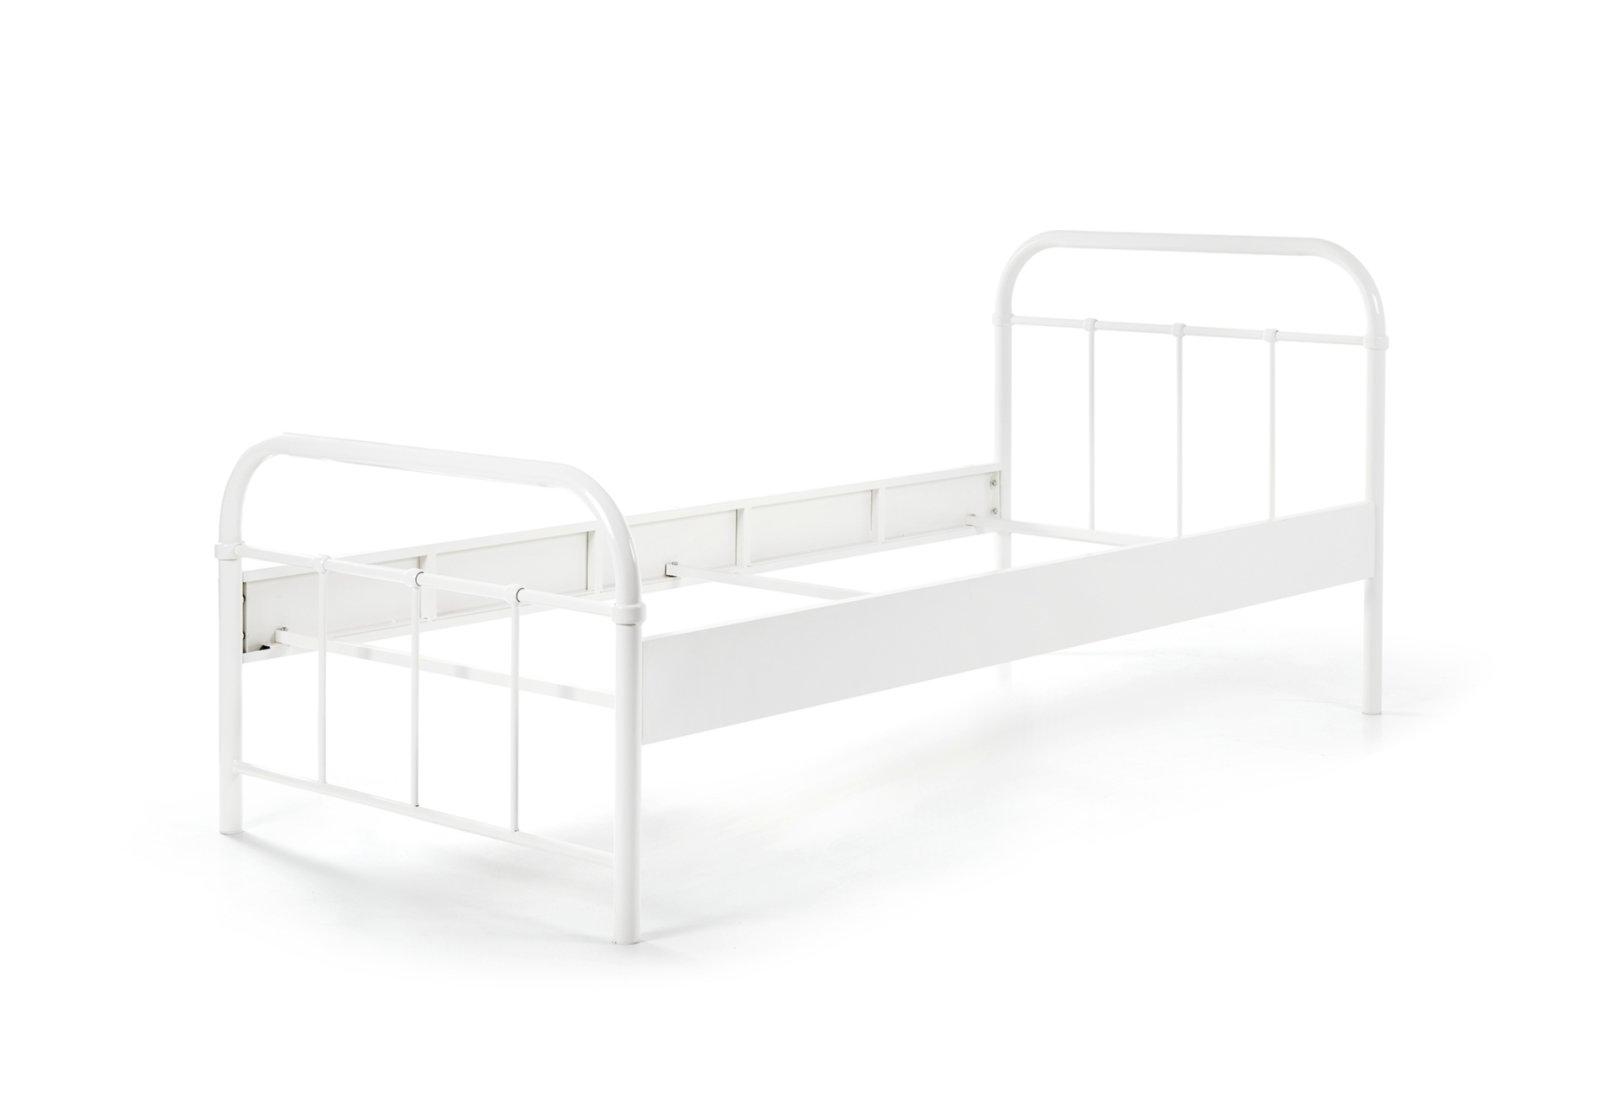 metallbett boston wei metall 90x200 cm online bei roller kaufen